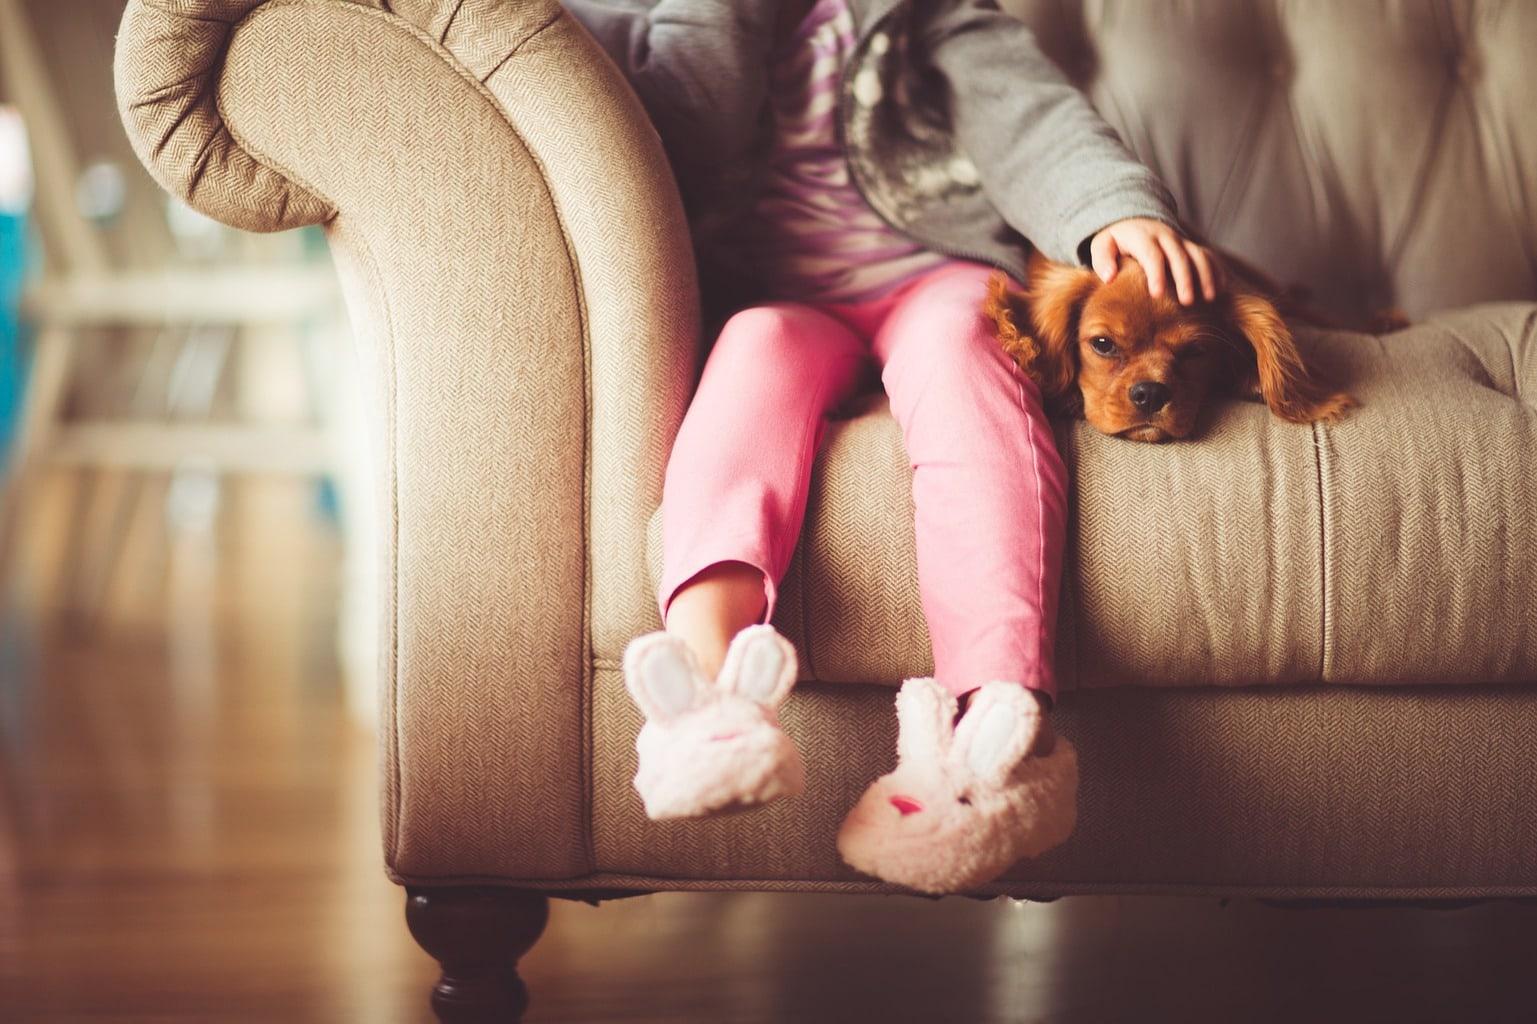 fotografía de una niña con su perror